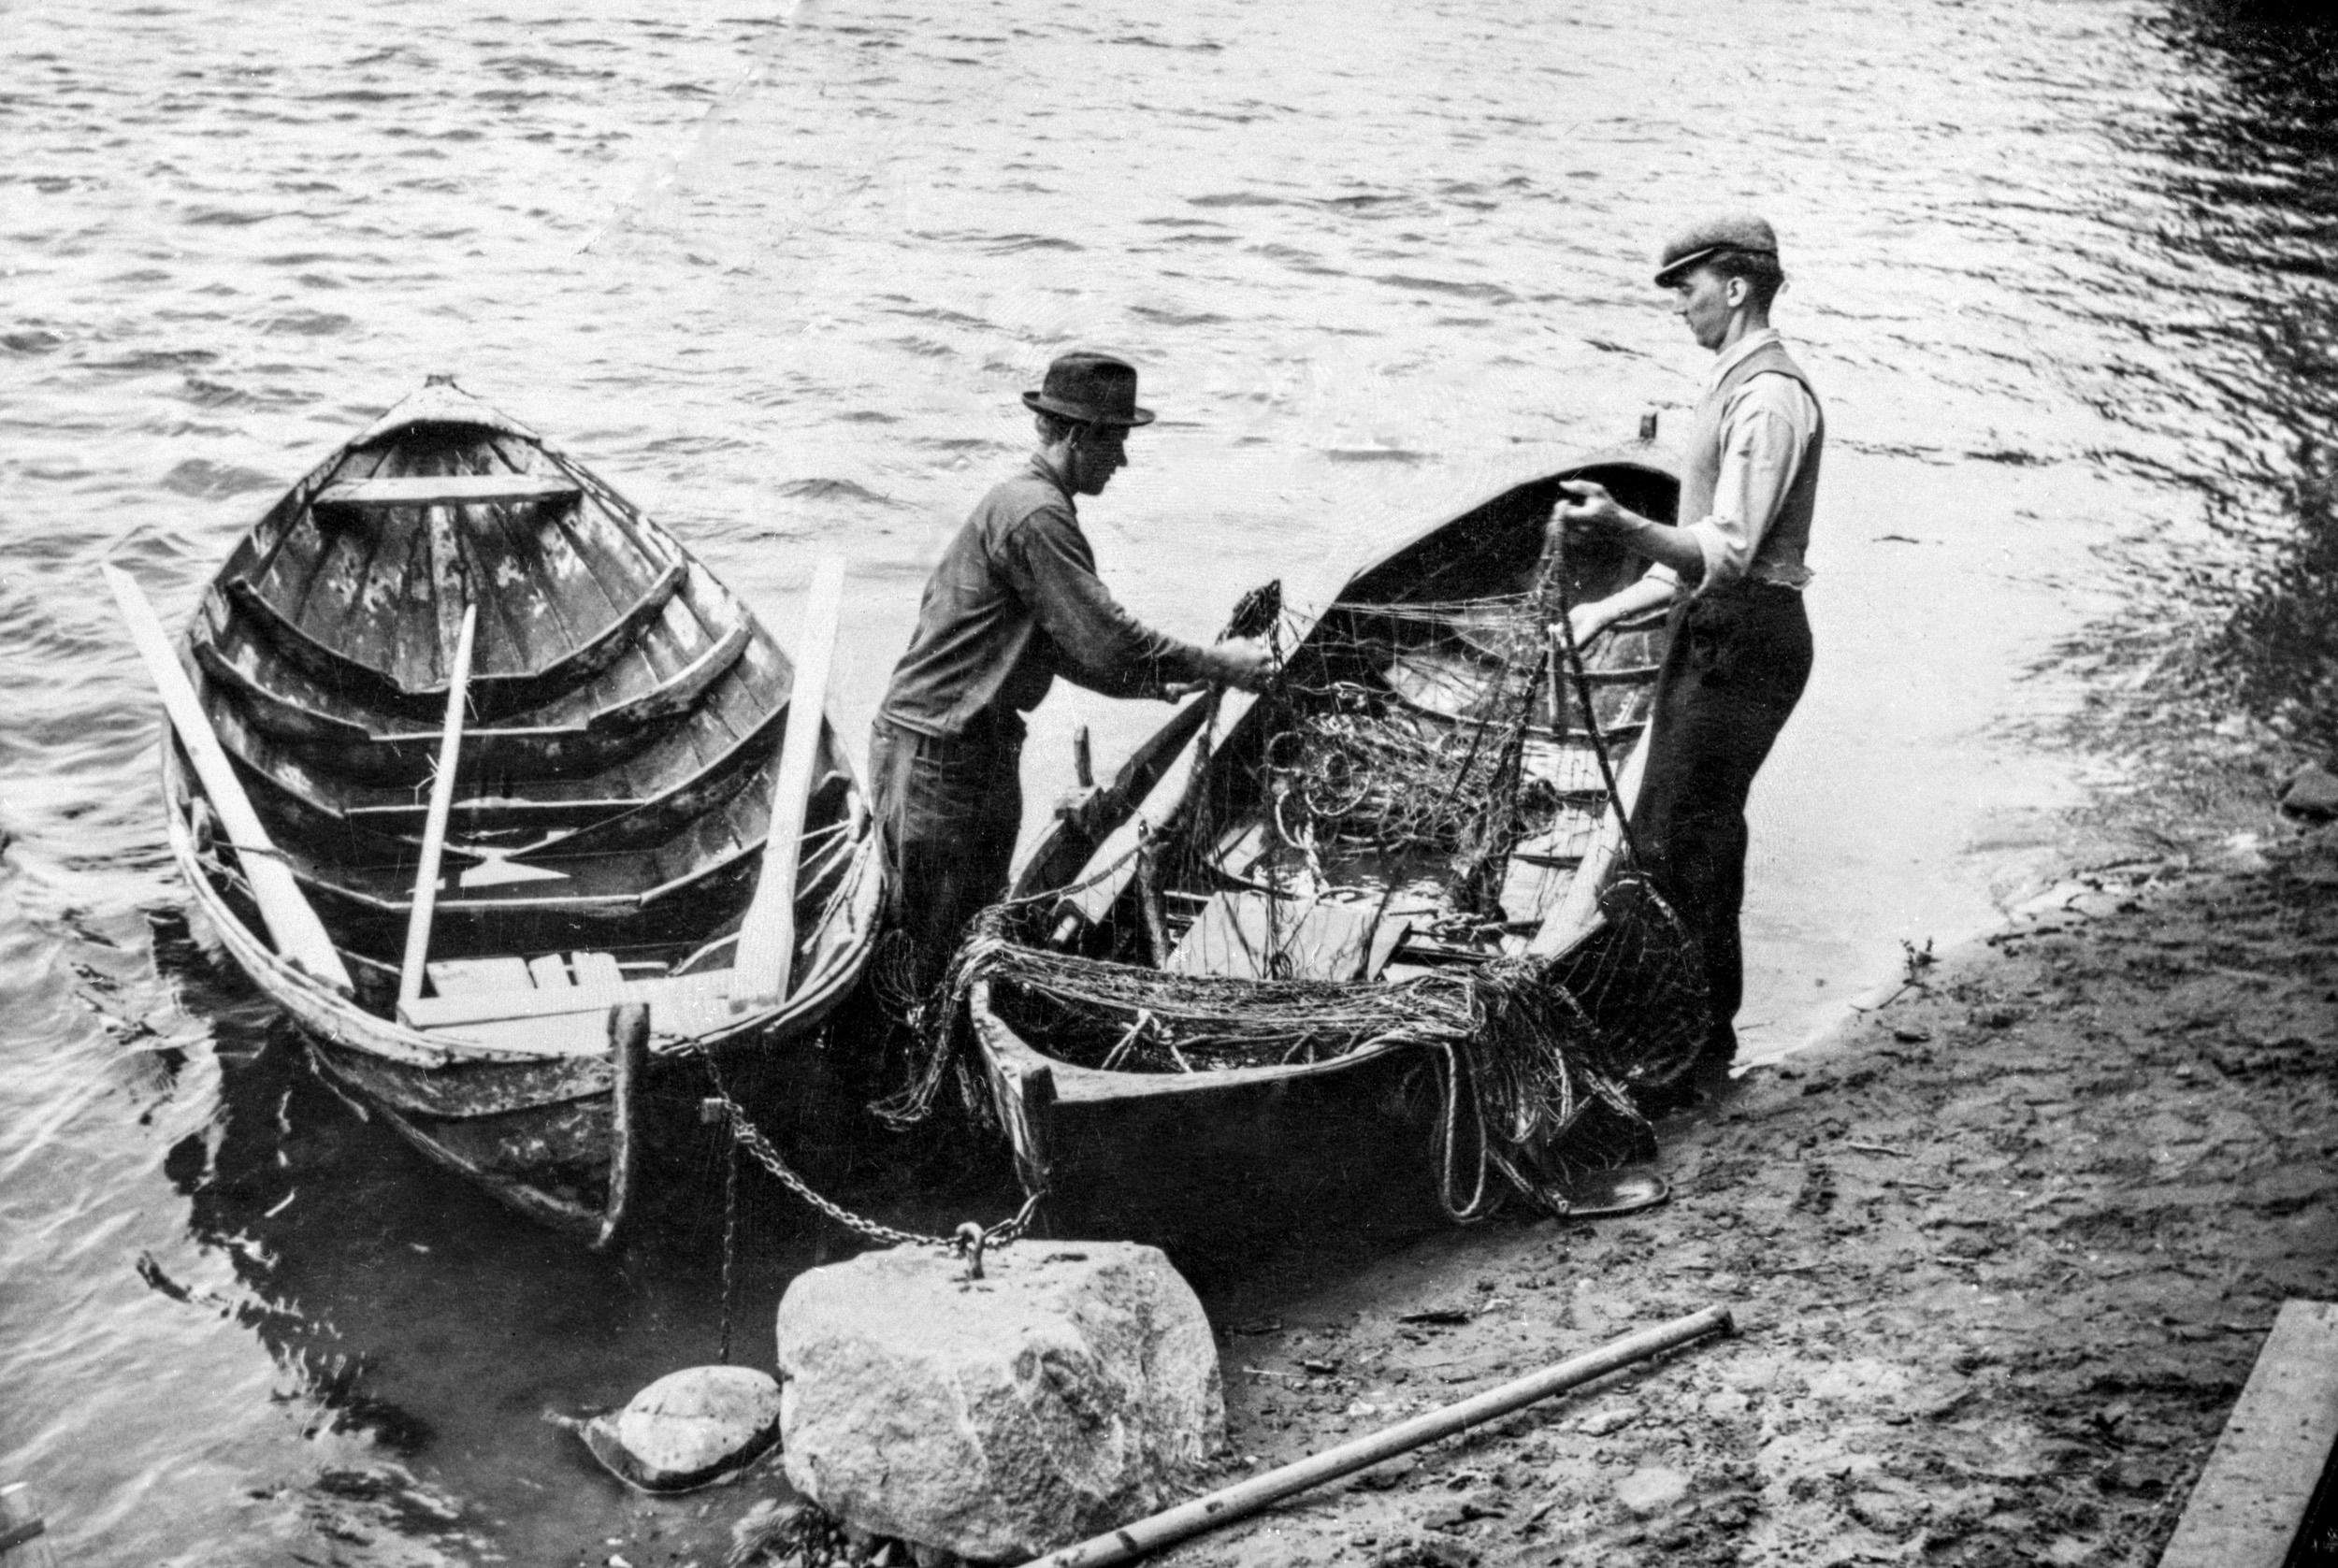 En inlandsbåt (vänster) och en kinningsbåt (höger).